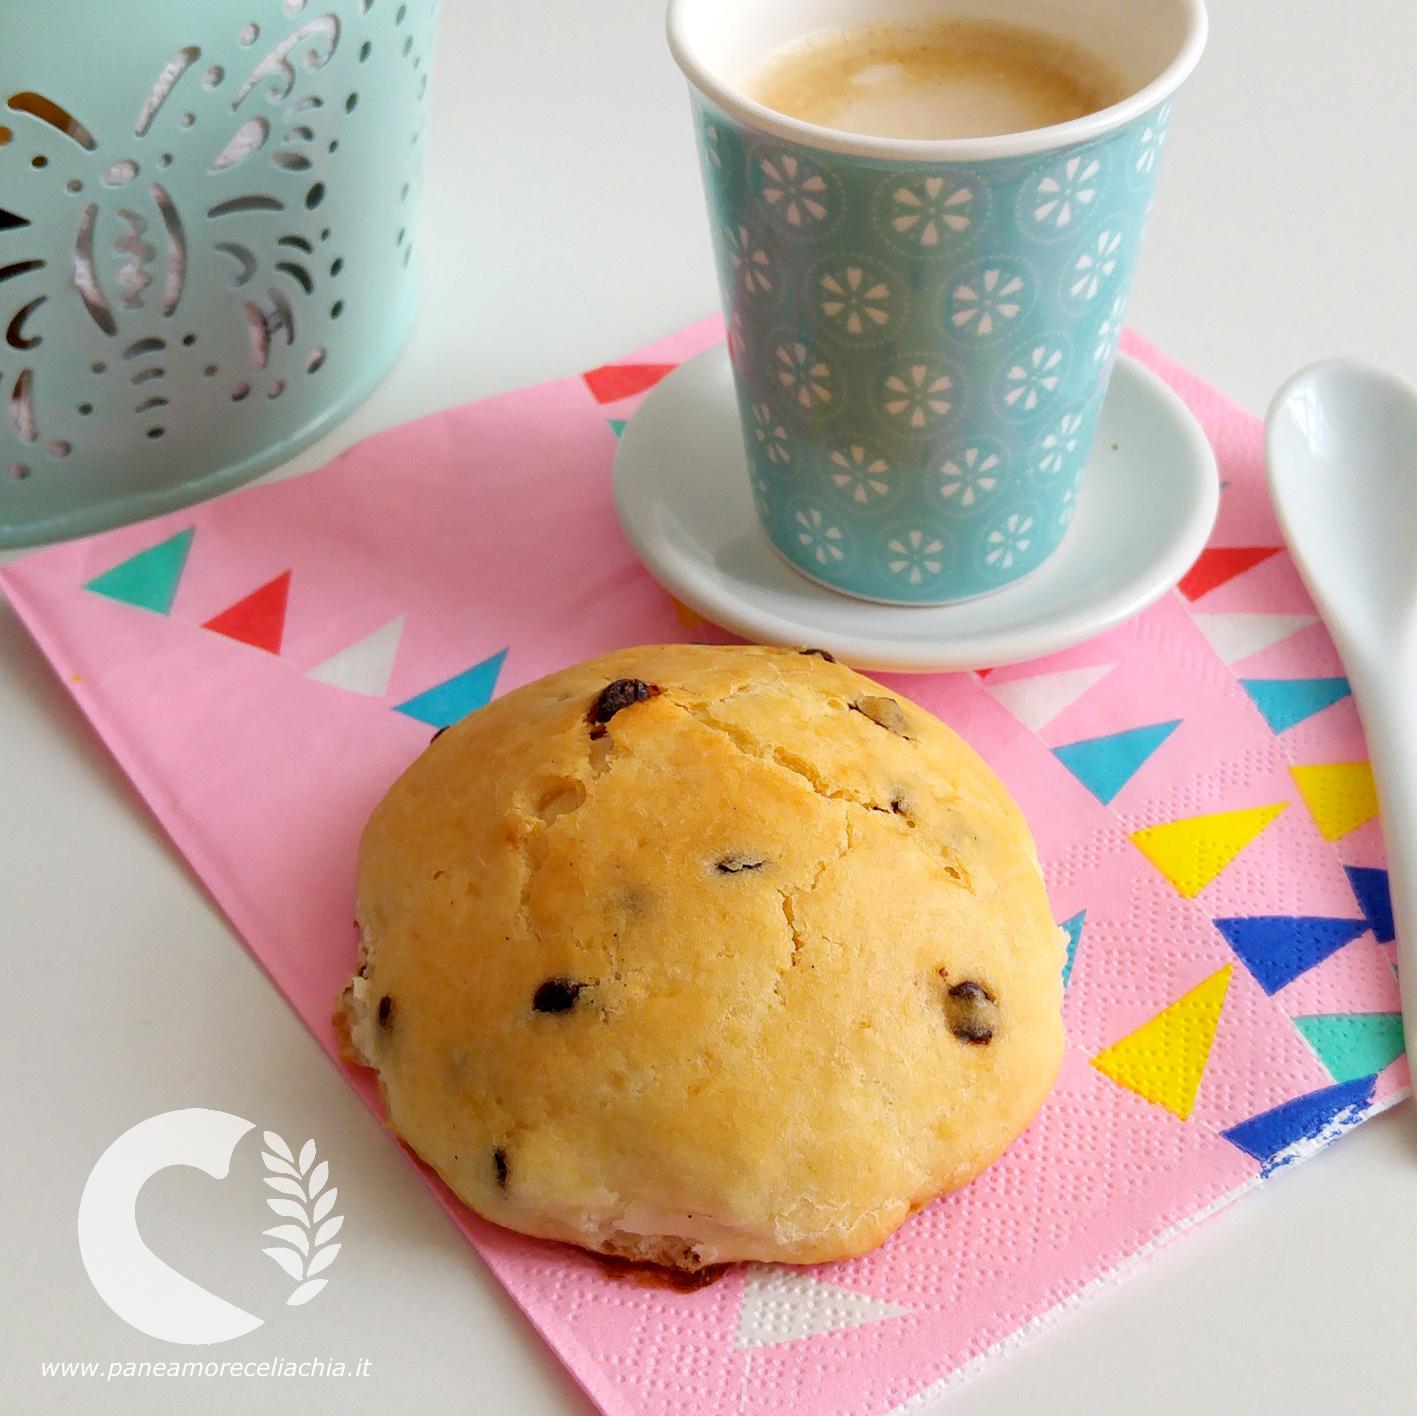 Pangoccioli senza glutine: i panini al cioccolato da colazione